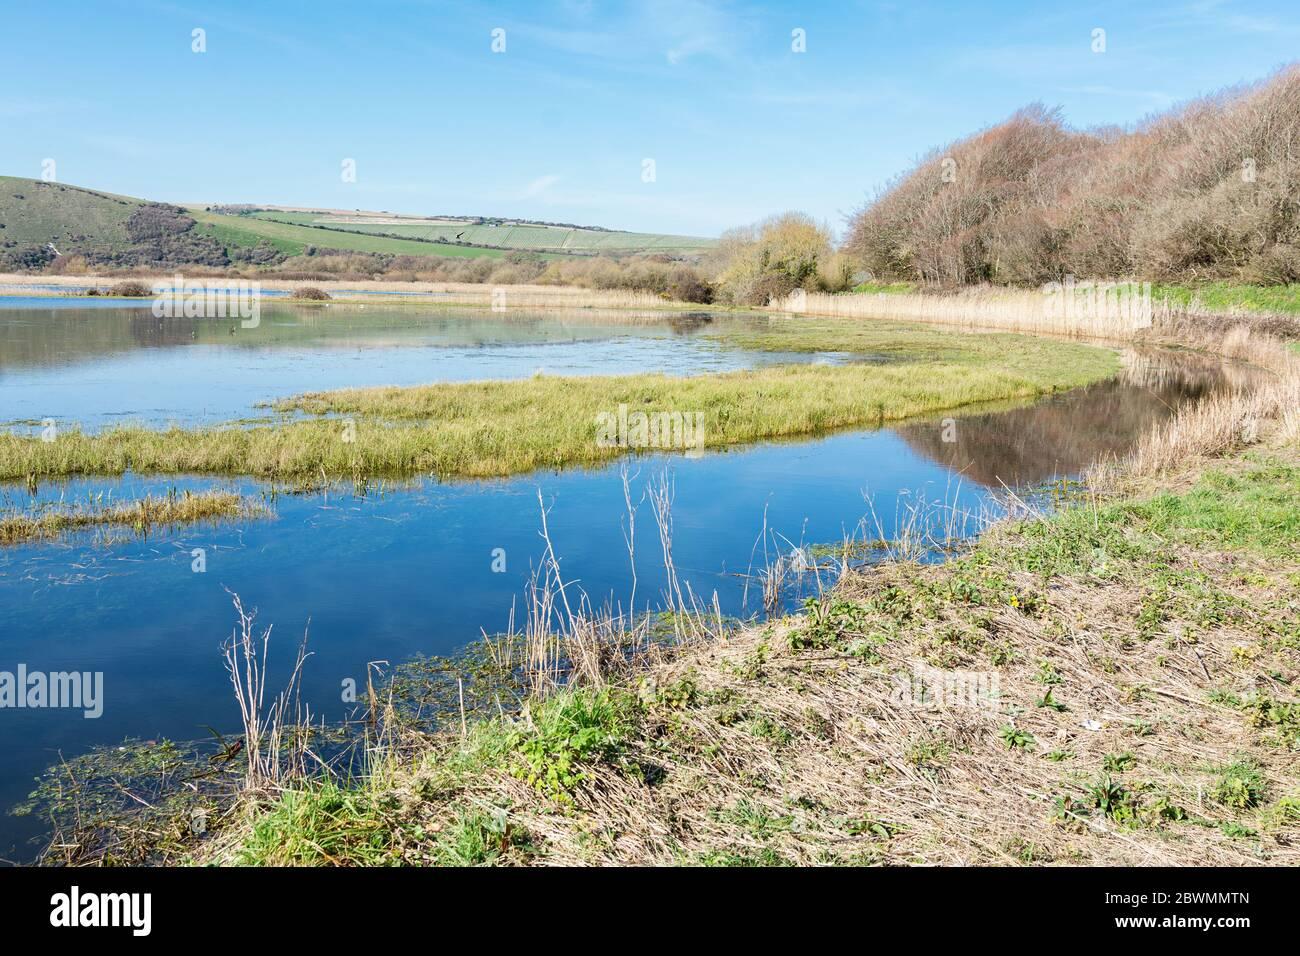 Vue sur la rivière Cucmere près de Seaford et Eastbourne, East Sussex, de la forêt de Friston, de belles réflexions, point de mire sélectif Banque D'Images